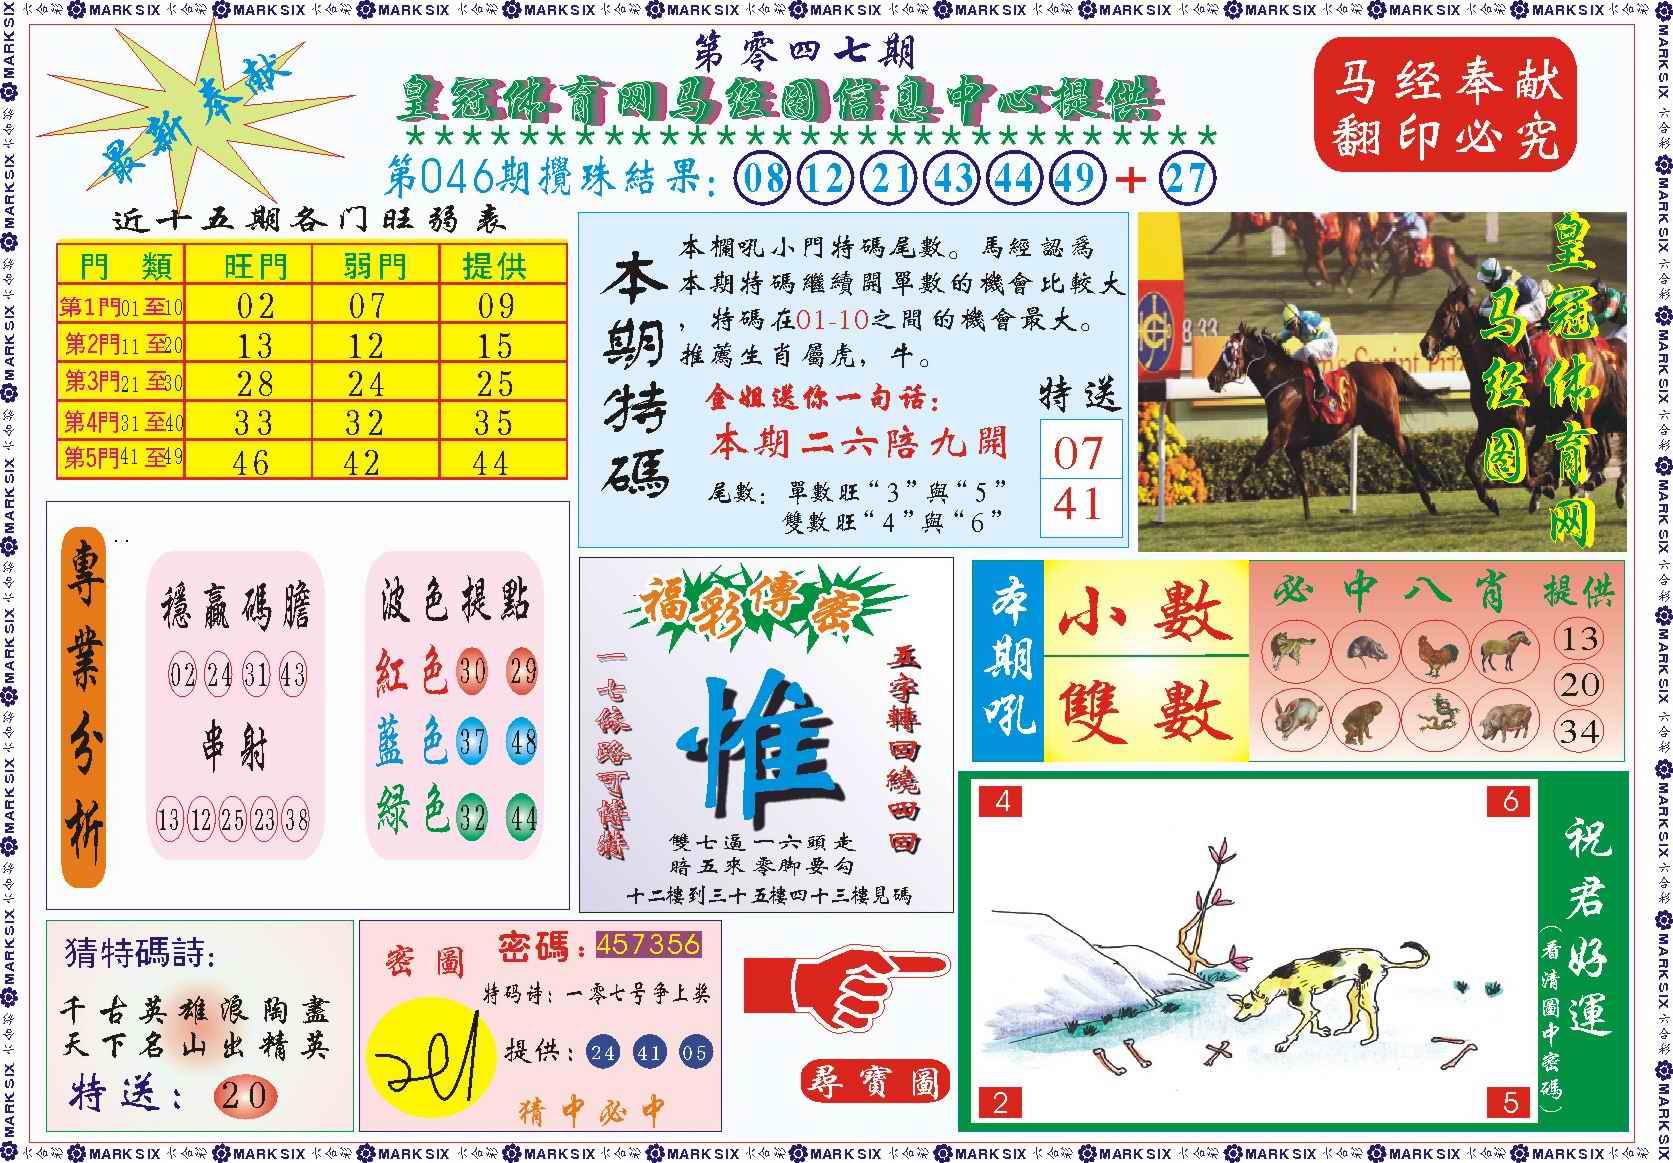 047期皇冠体育网马经图记录